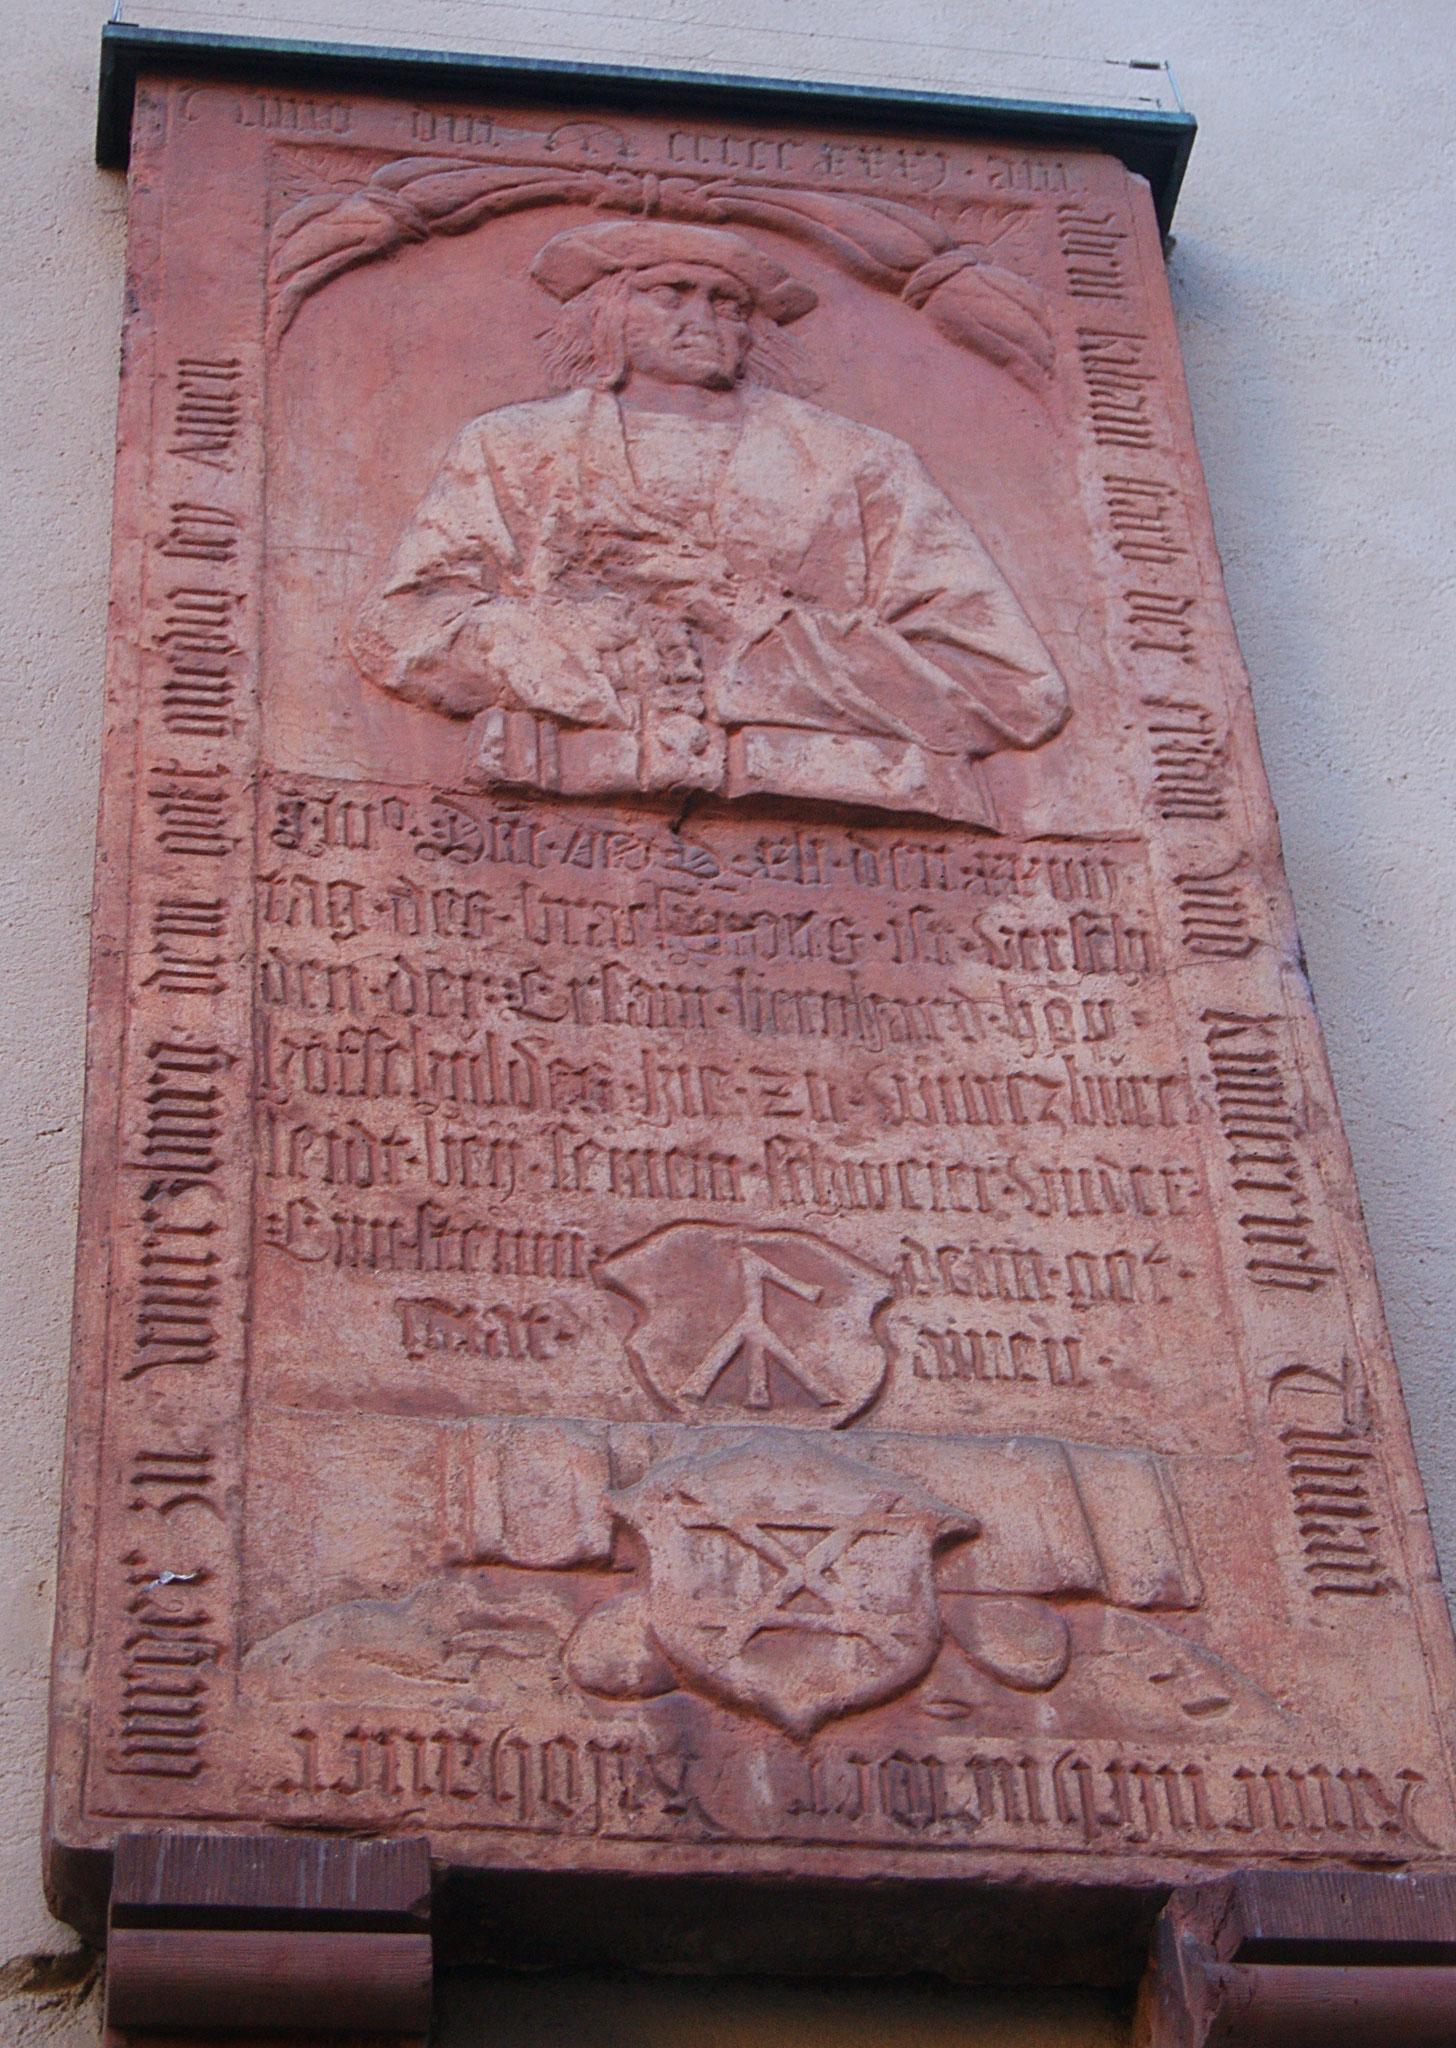 Grabplatte von Tilman Riemenschneider am Dom, Würzburg